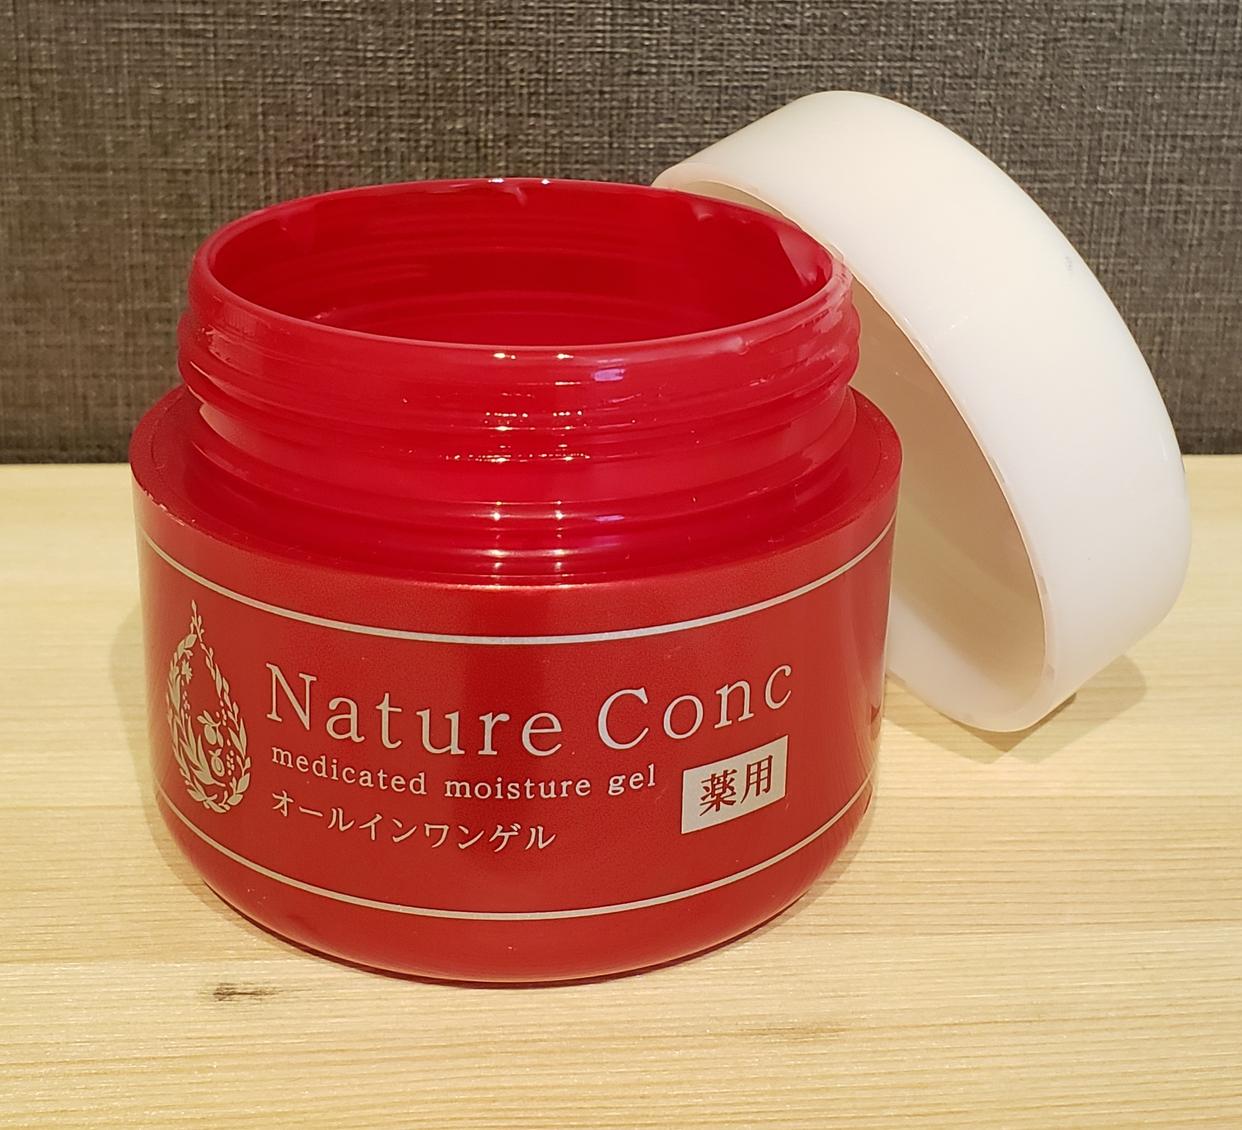 Nature Conc(ネイチャーコンク) 薬用モイスチャーゲルの良い点・メリットに関するMkpooさんの口コミ画像1